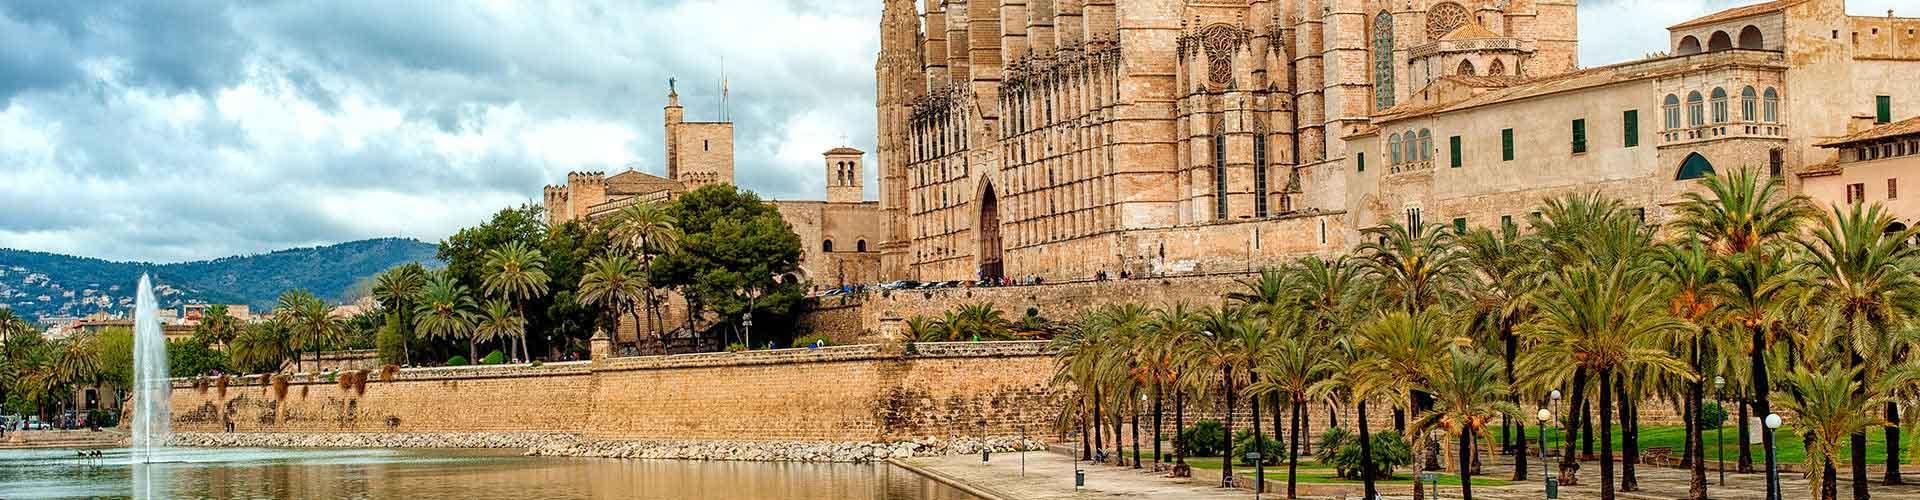 Palma de Mallorca - Campamentos en Palma de Mallorca. Mapas de Palma de Mallorca, Fotos y comentarios de cada Campamento en Palma de Mallorca.